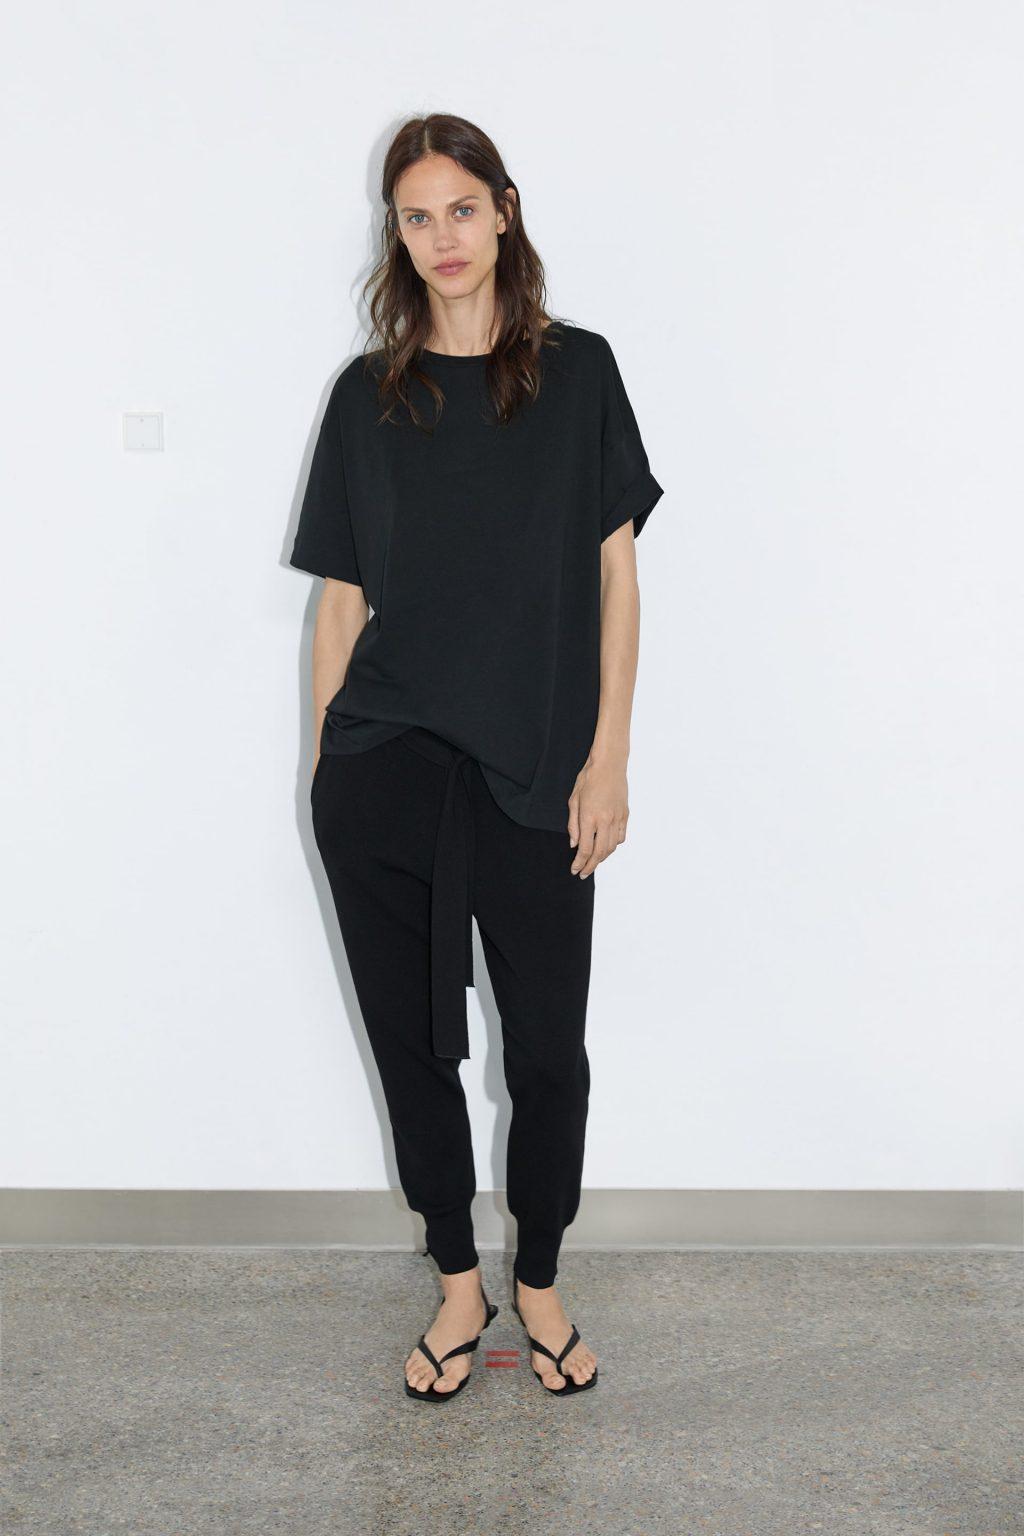 Người mẫu mặc áo phông đen cùng quần jogger đen